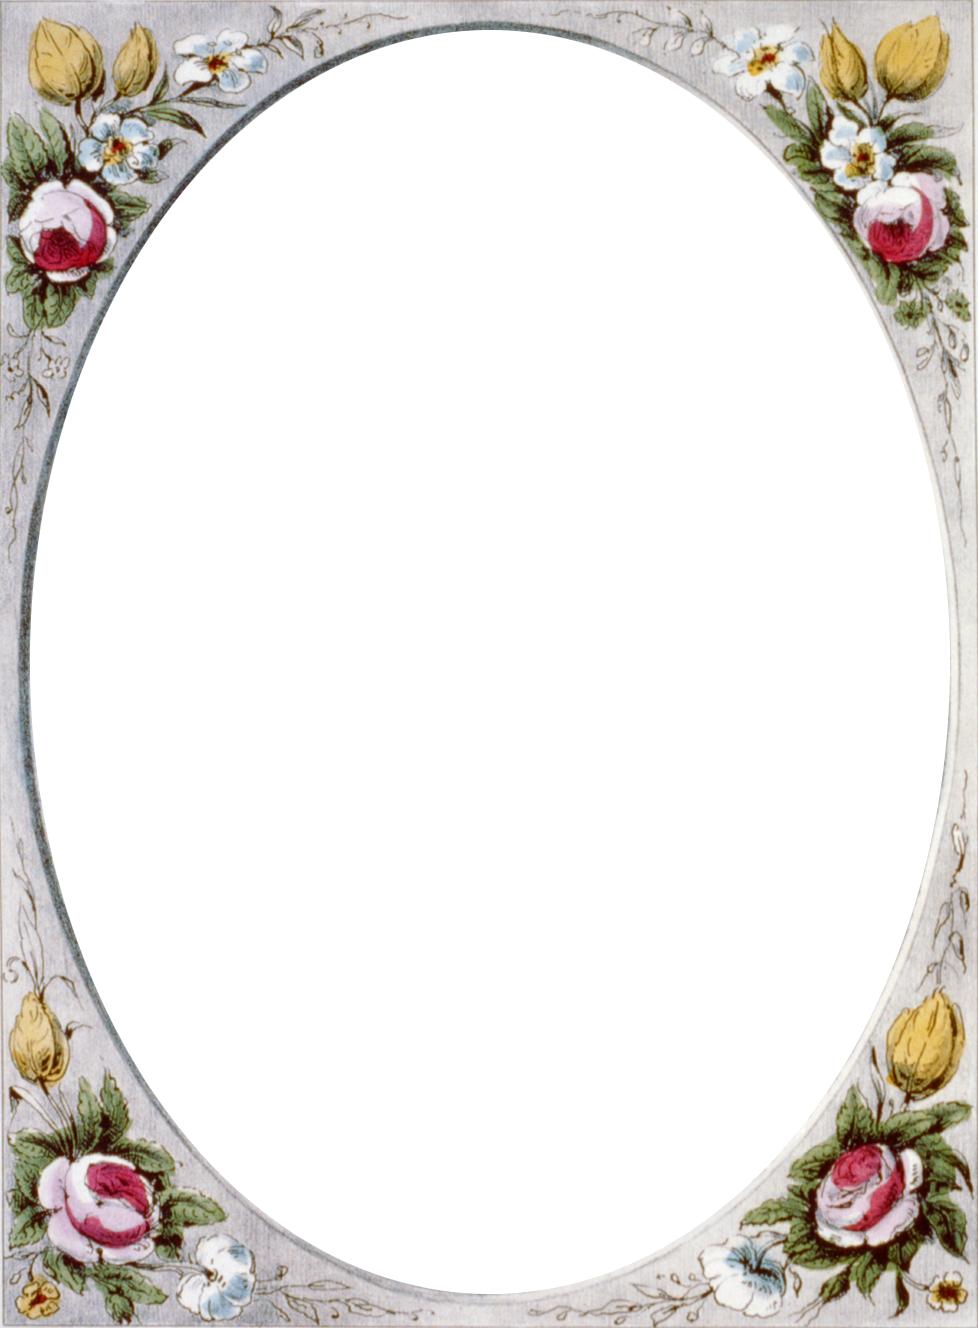 Victorian border frame png. Floral vintage call me